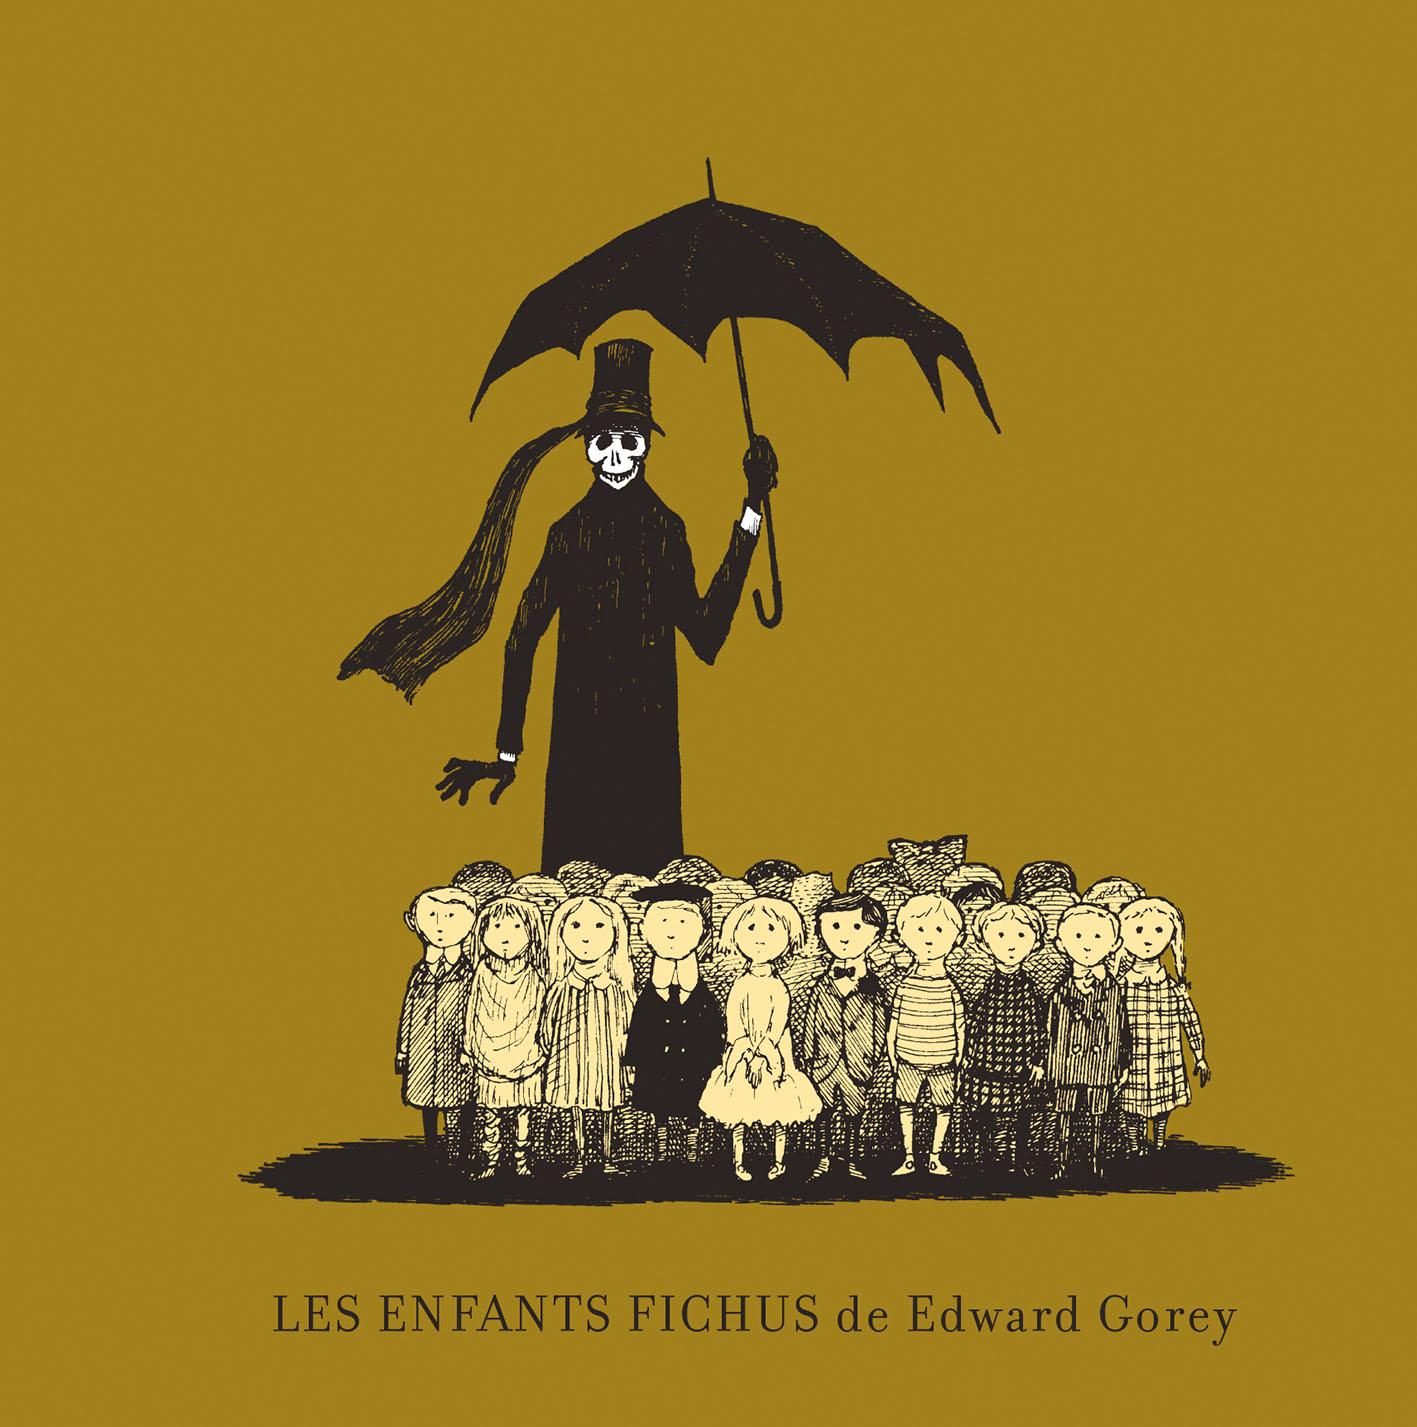 Les enfants fichus d'Edward Gorey